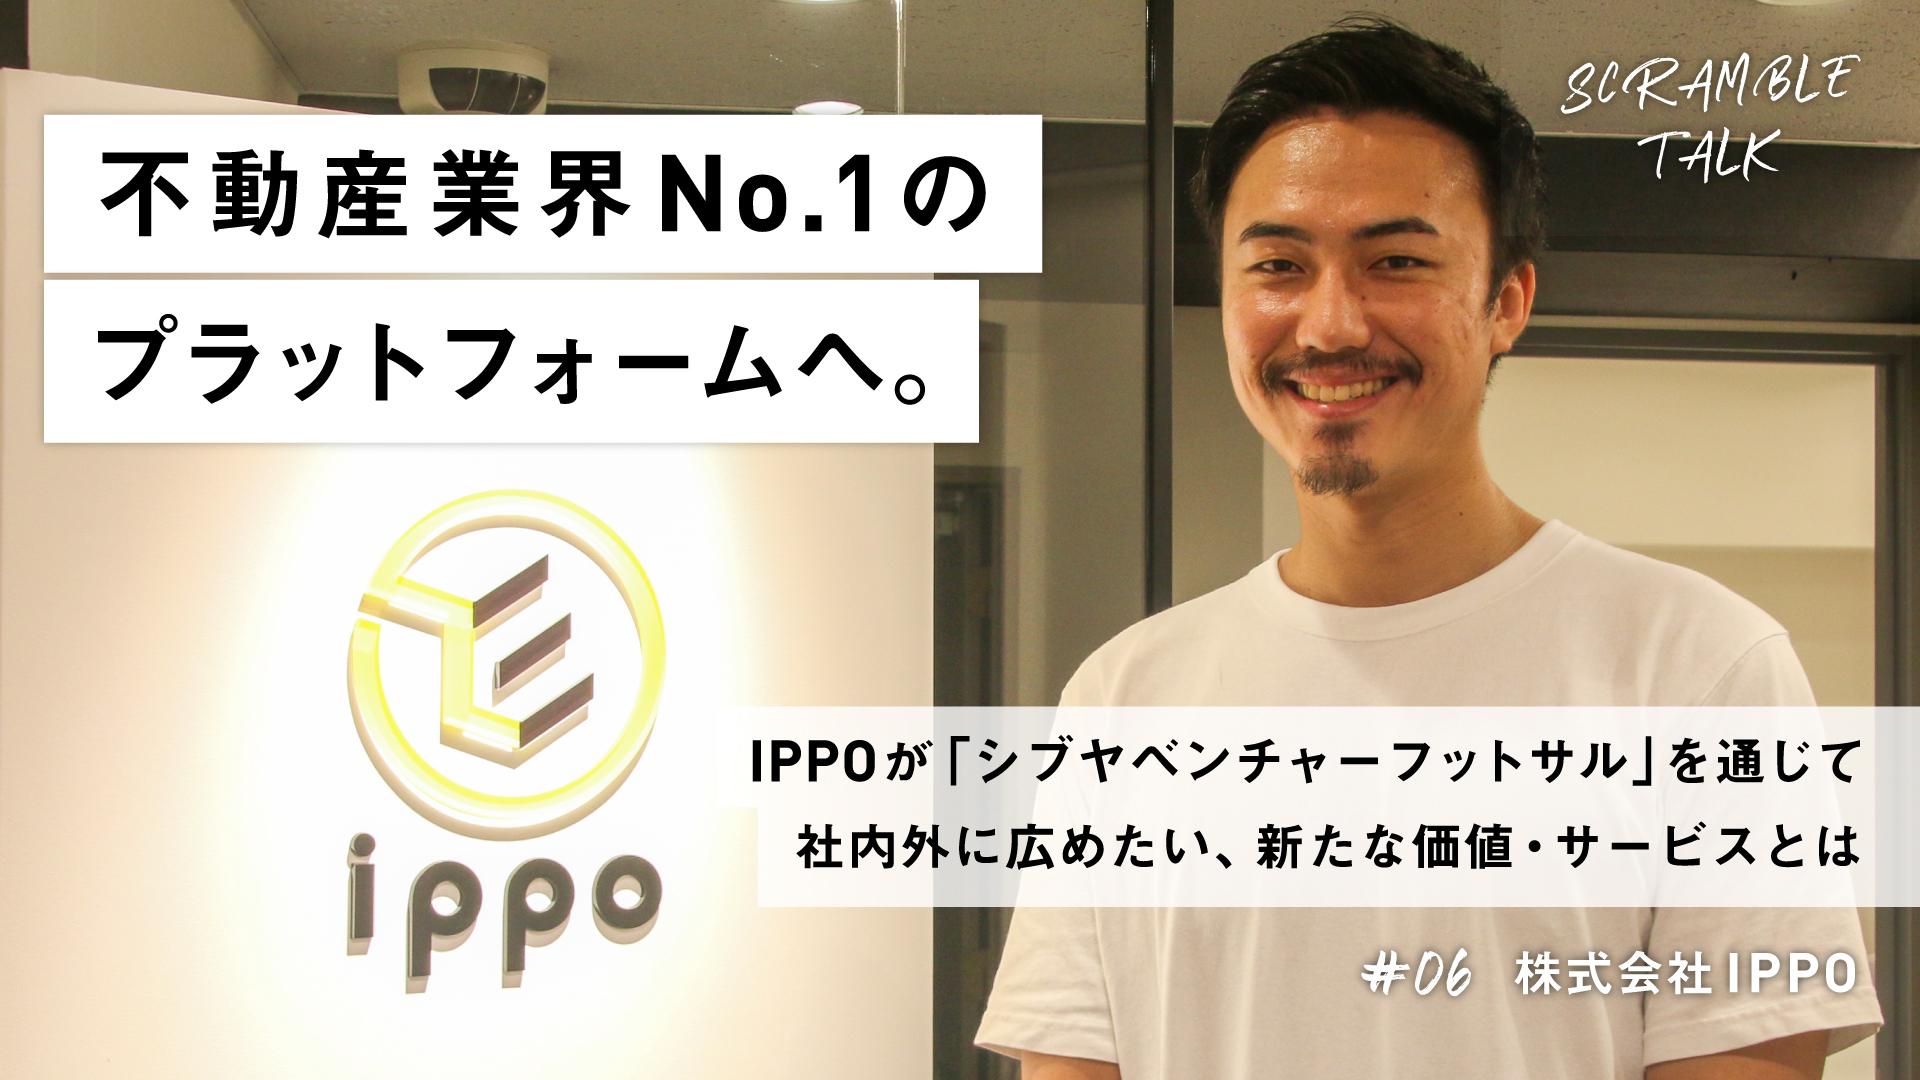 #06 不動産業界No.1のプラットフォームへ。 IPPOが「シブヤベンチャーフットサル」を通じて社内外に広めたい、新たな価値・サービスとは。(株式会社IPPO)